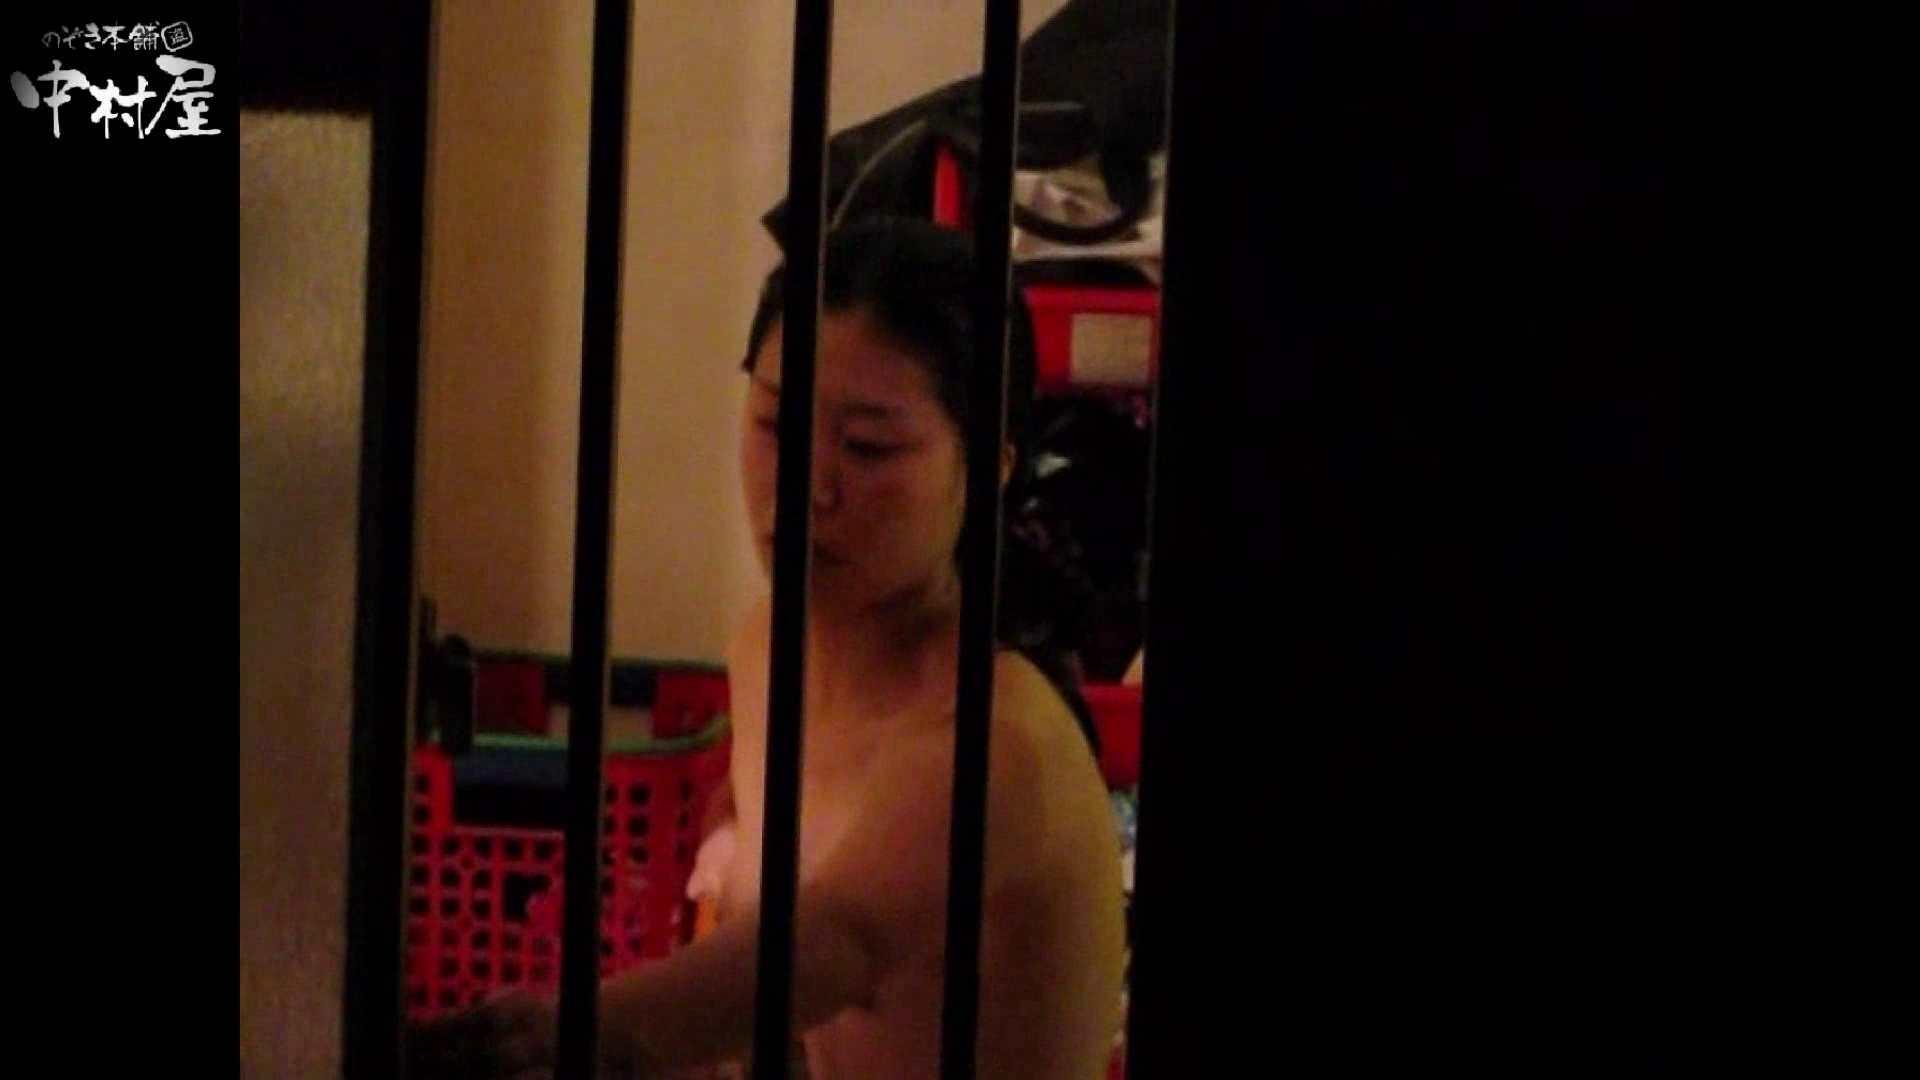 民家風呂専門盗撮師の超危険映像 vol.003 エロい美少女 AV無料動画キャプチャ 76PIX 49